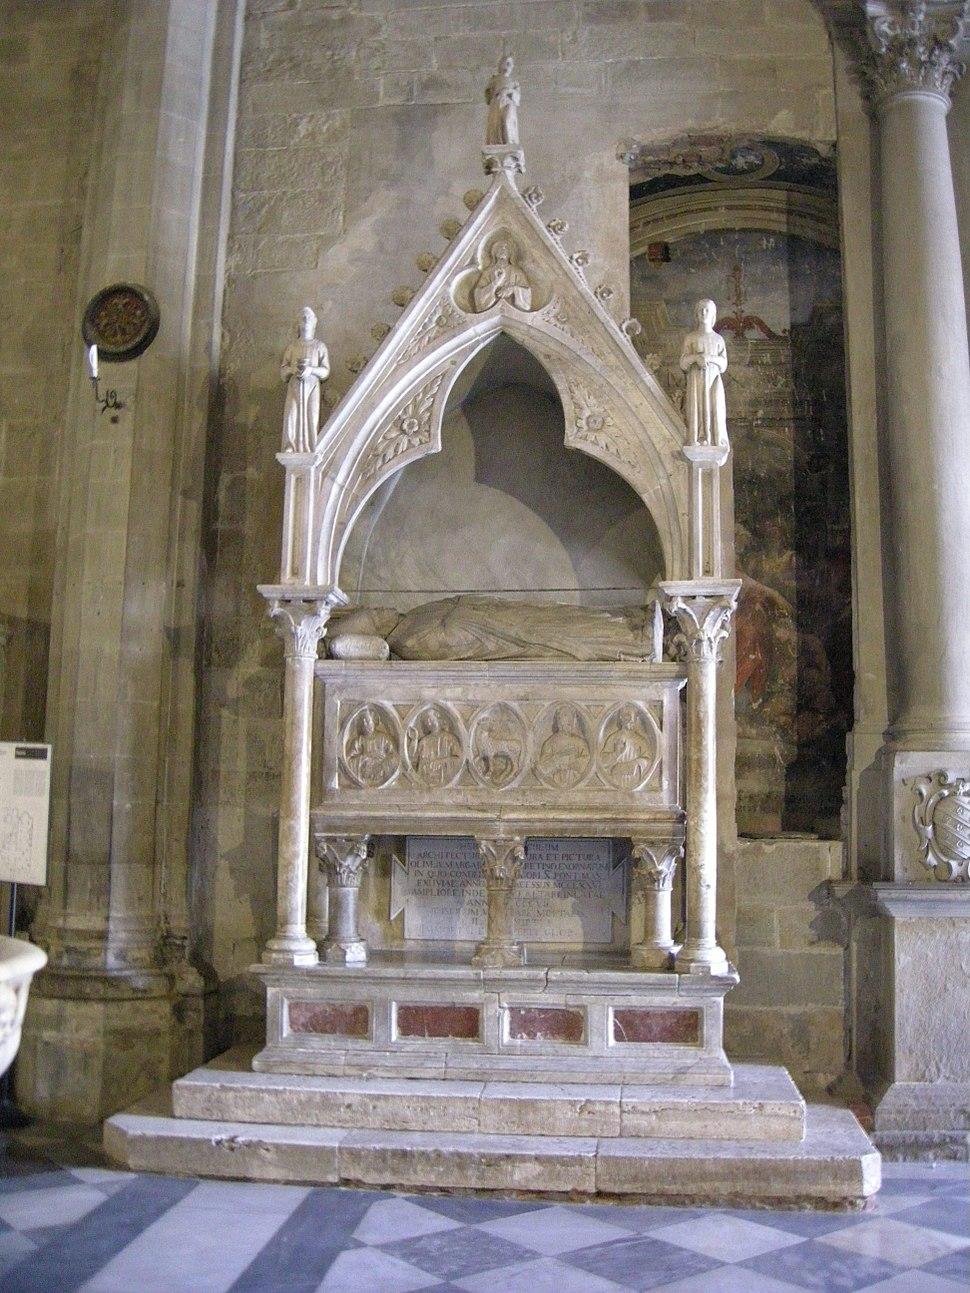 Duomo di arezzo, interno, sepolcro di gregorio X, inizi XIV secolo